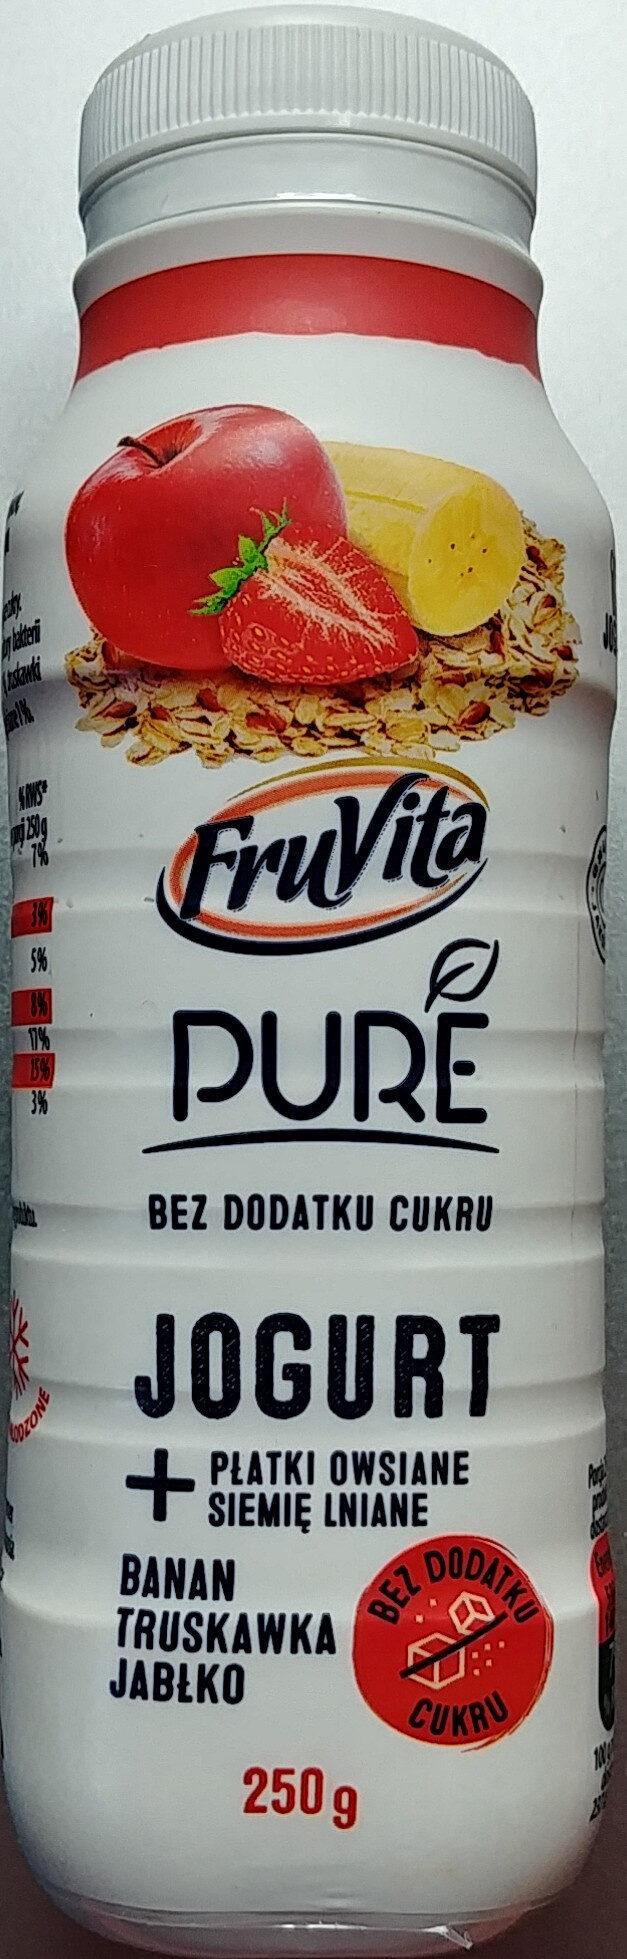 Jogurt pitny z przetartymi owocami i zmielonymi płatkami owsianymi i siemieniem lnianym. - Produkt - pl